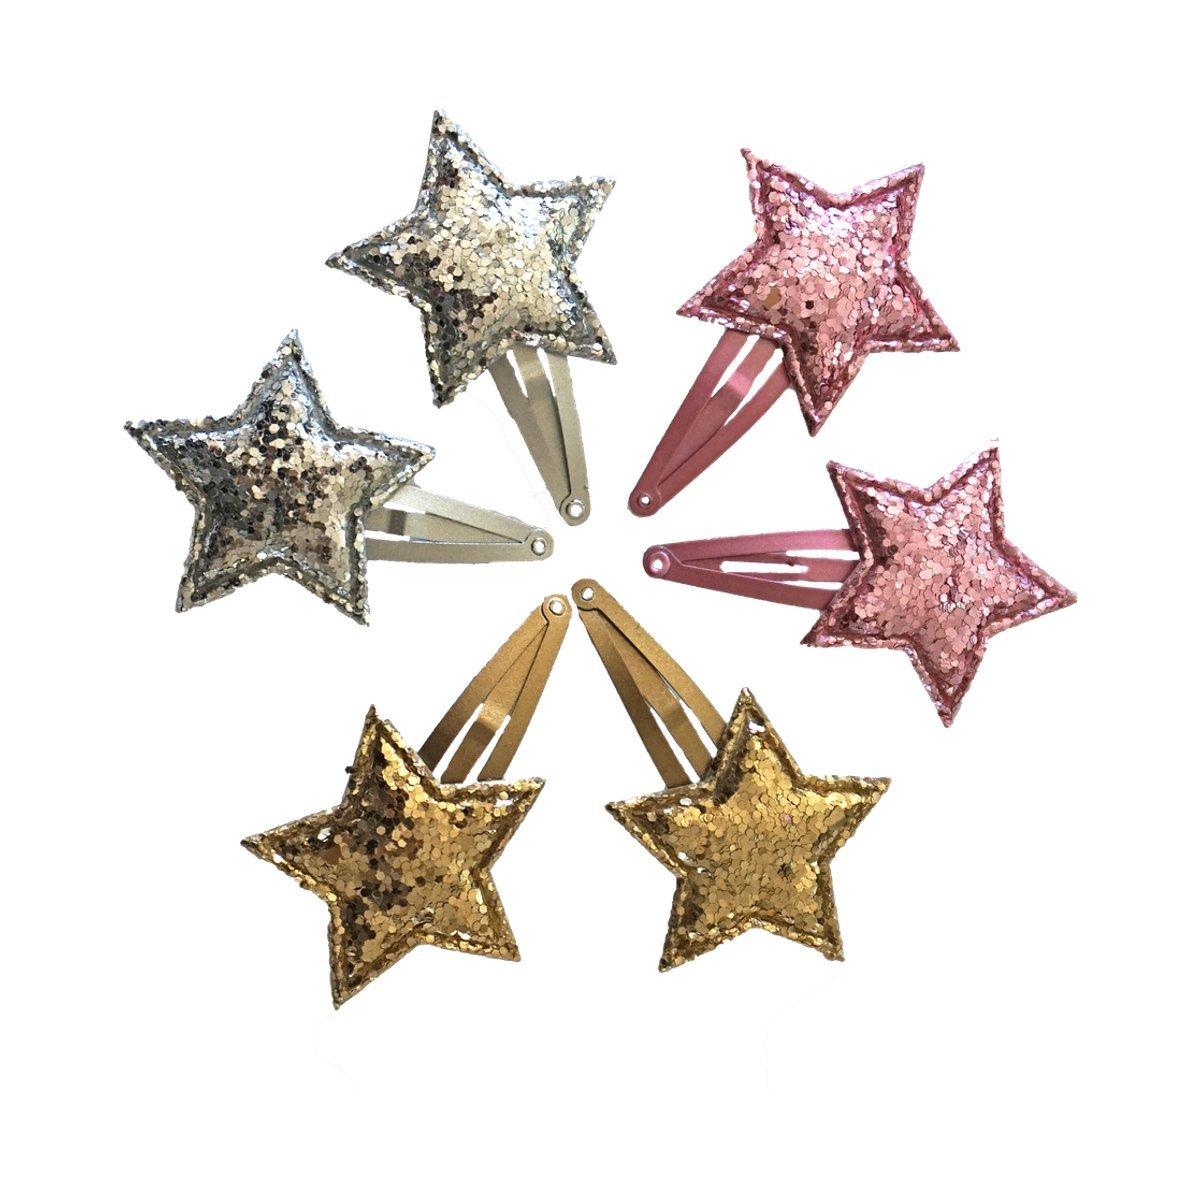 Set of Three Shiny Star Shaped Hair Clips